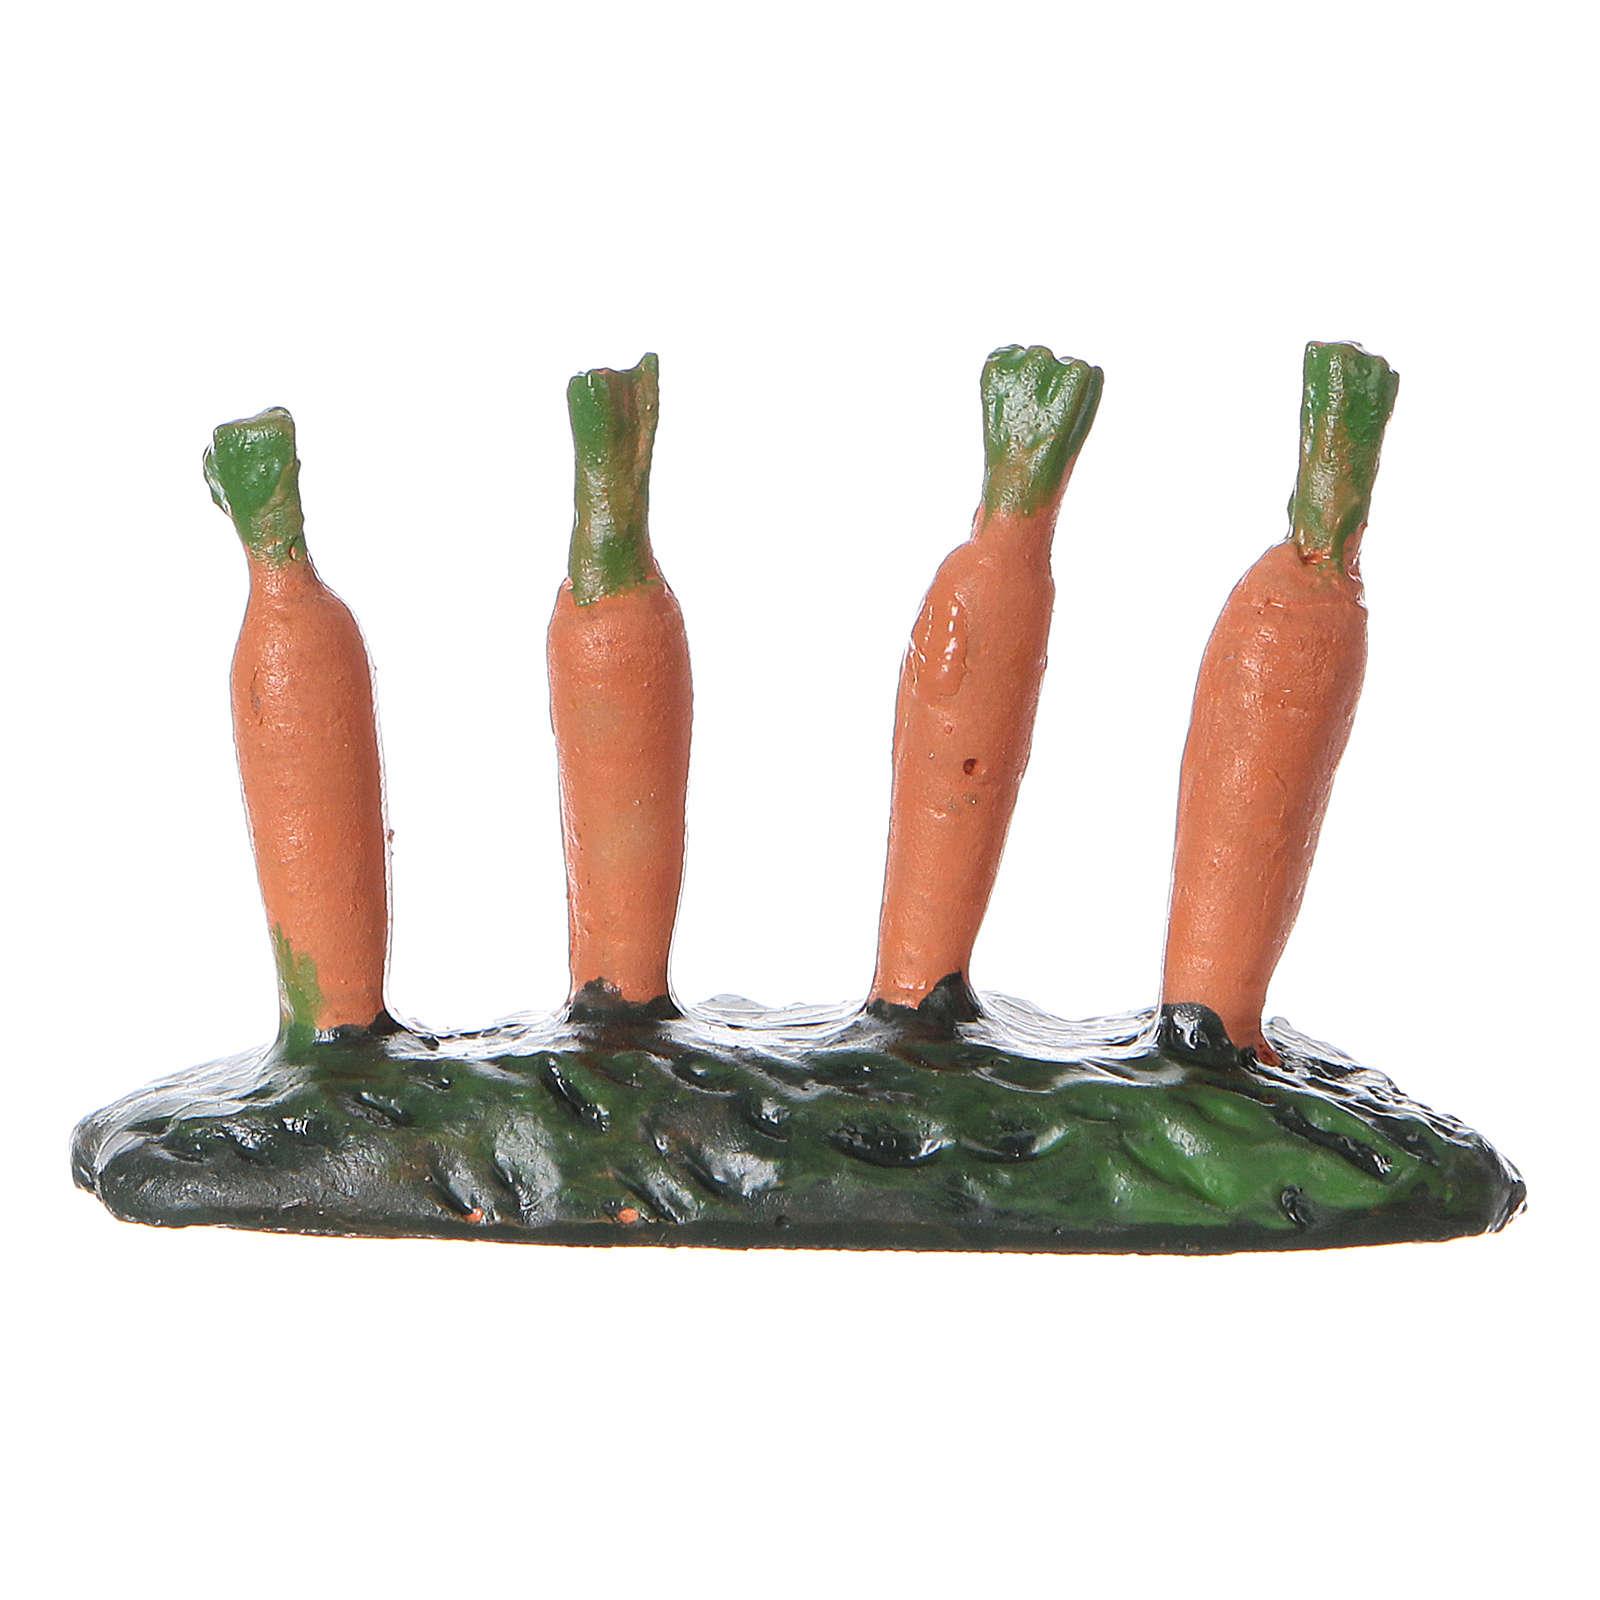 Rangée de carottes dans le potager 5x5x5 cm crèche 7 cm 4